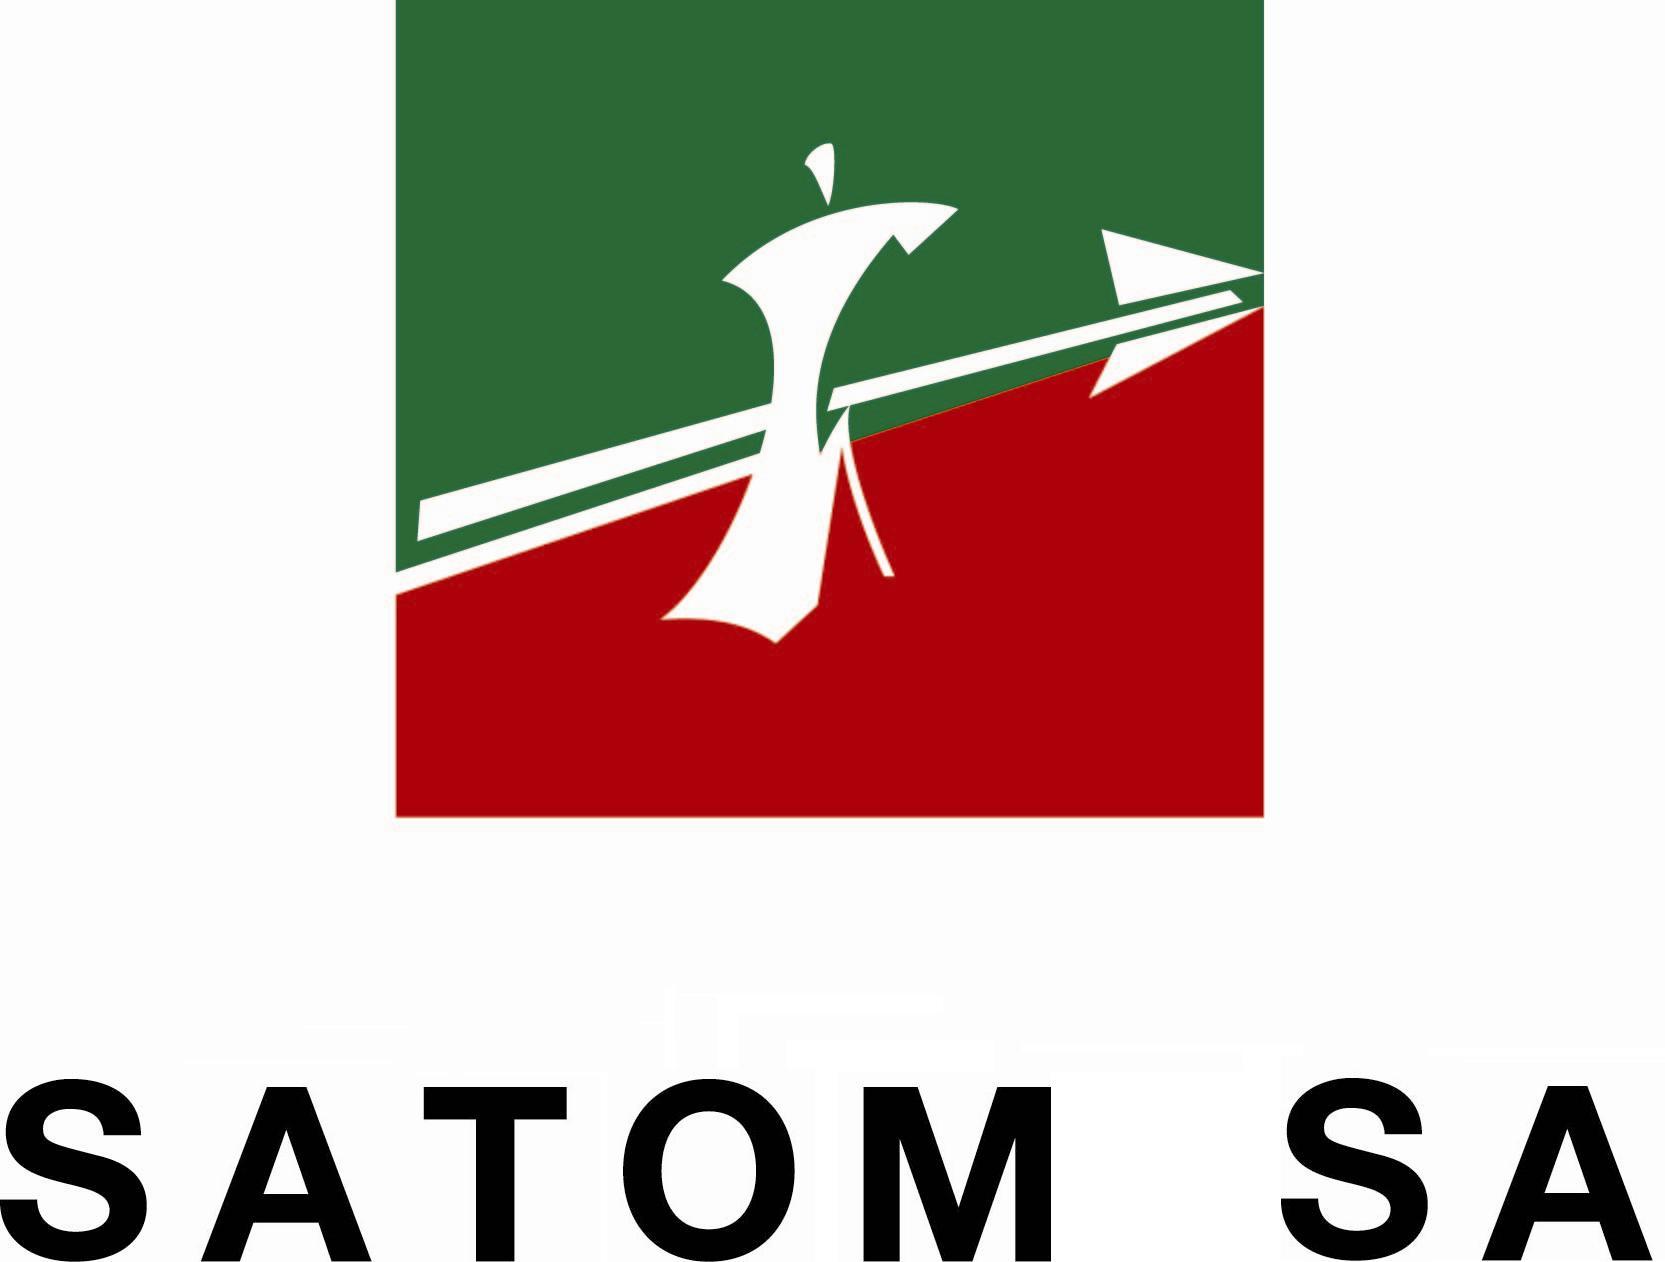 SATOM SA